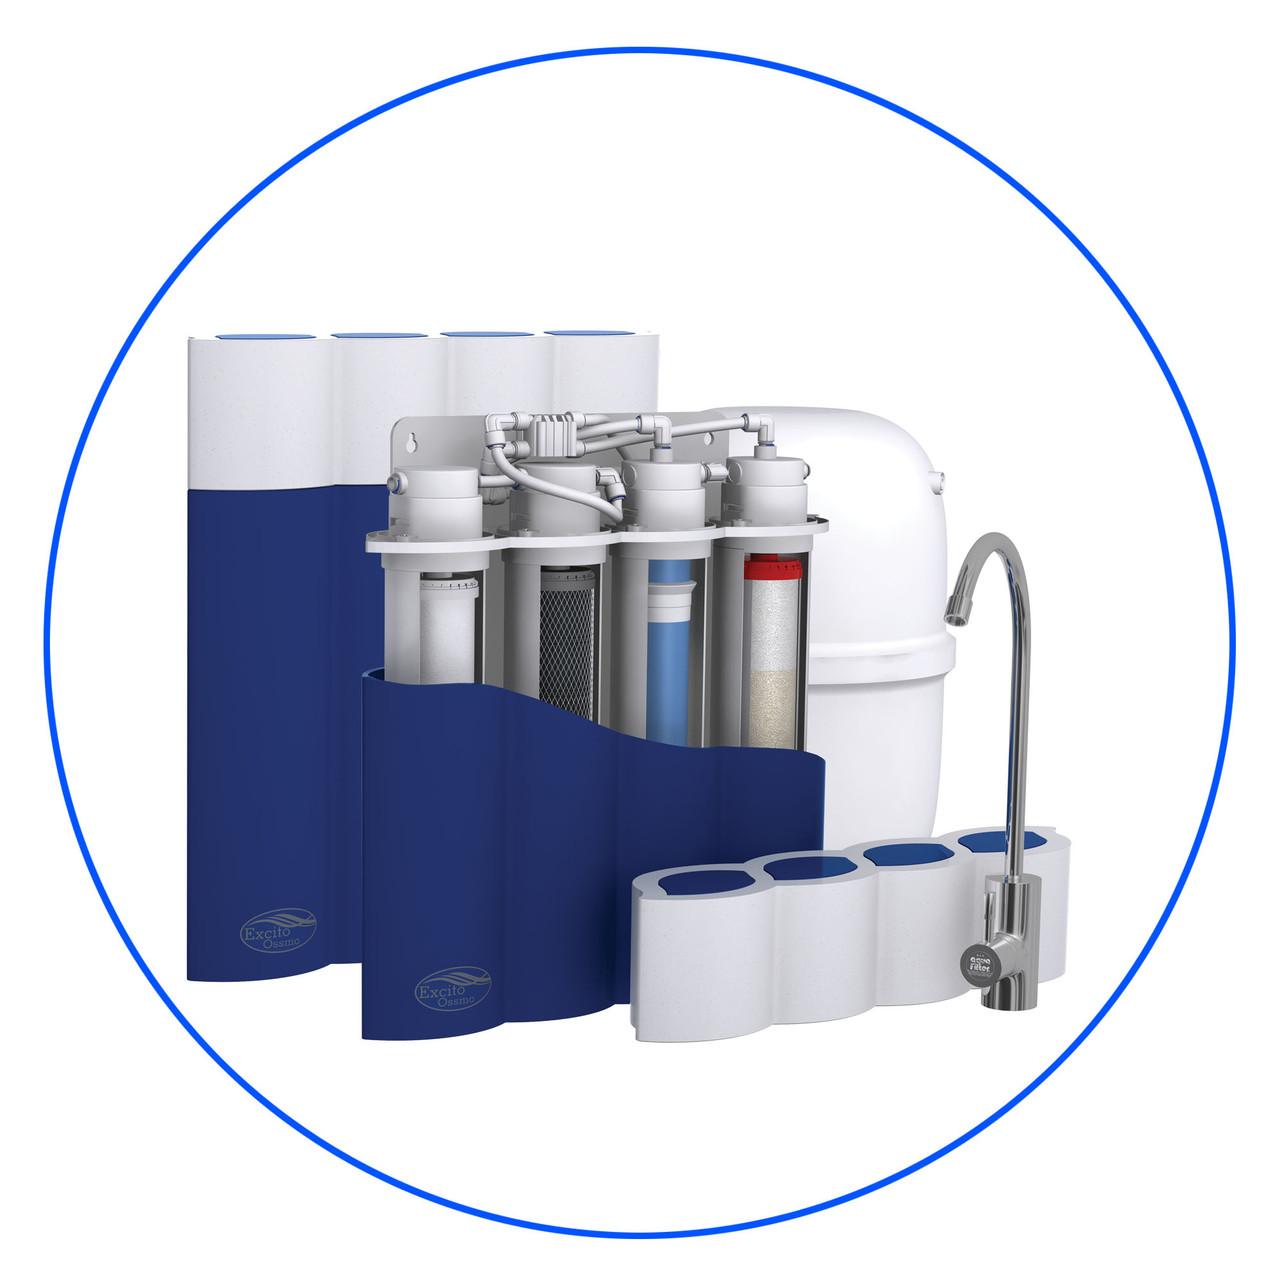 Кухонный фильтр под мойку EXCITO-OSSMO